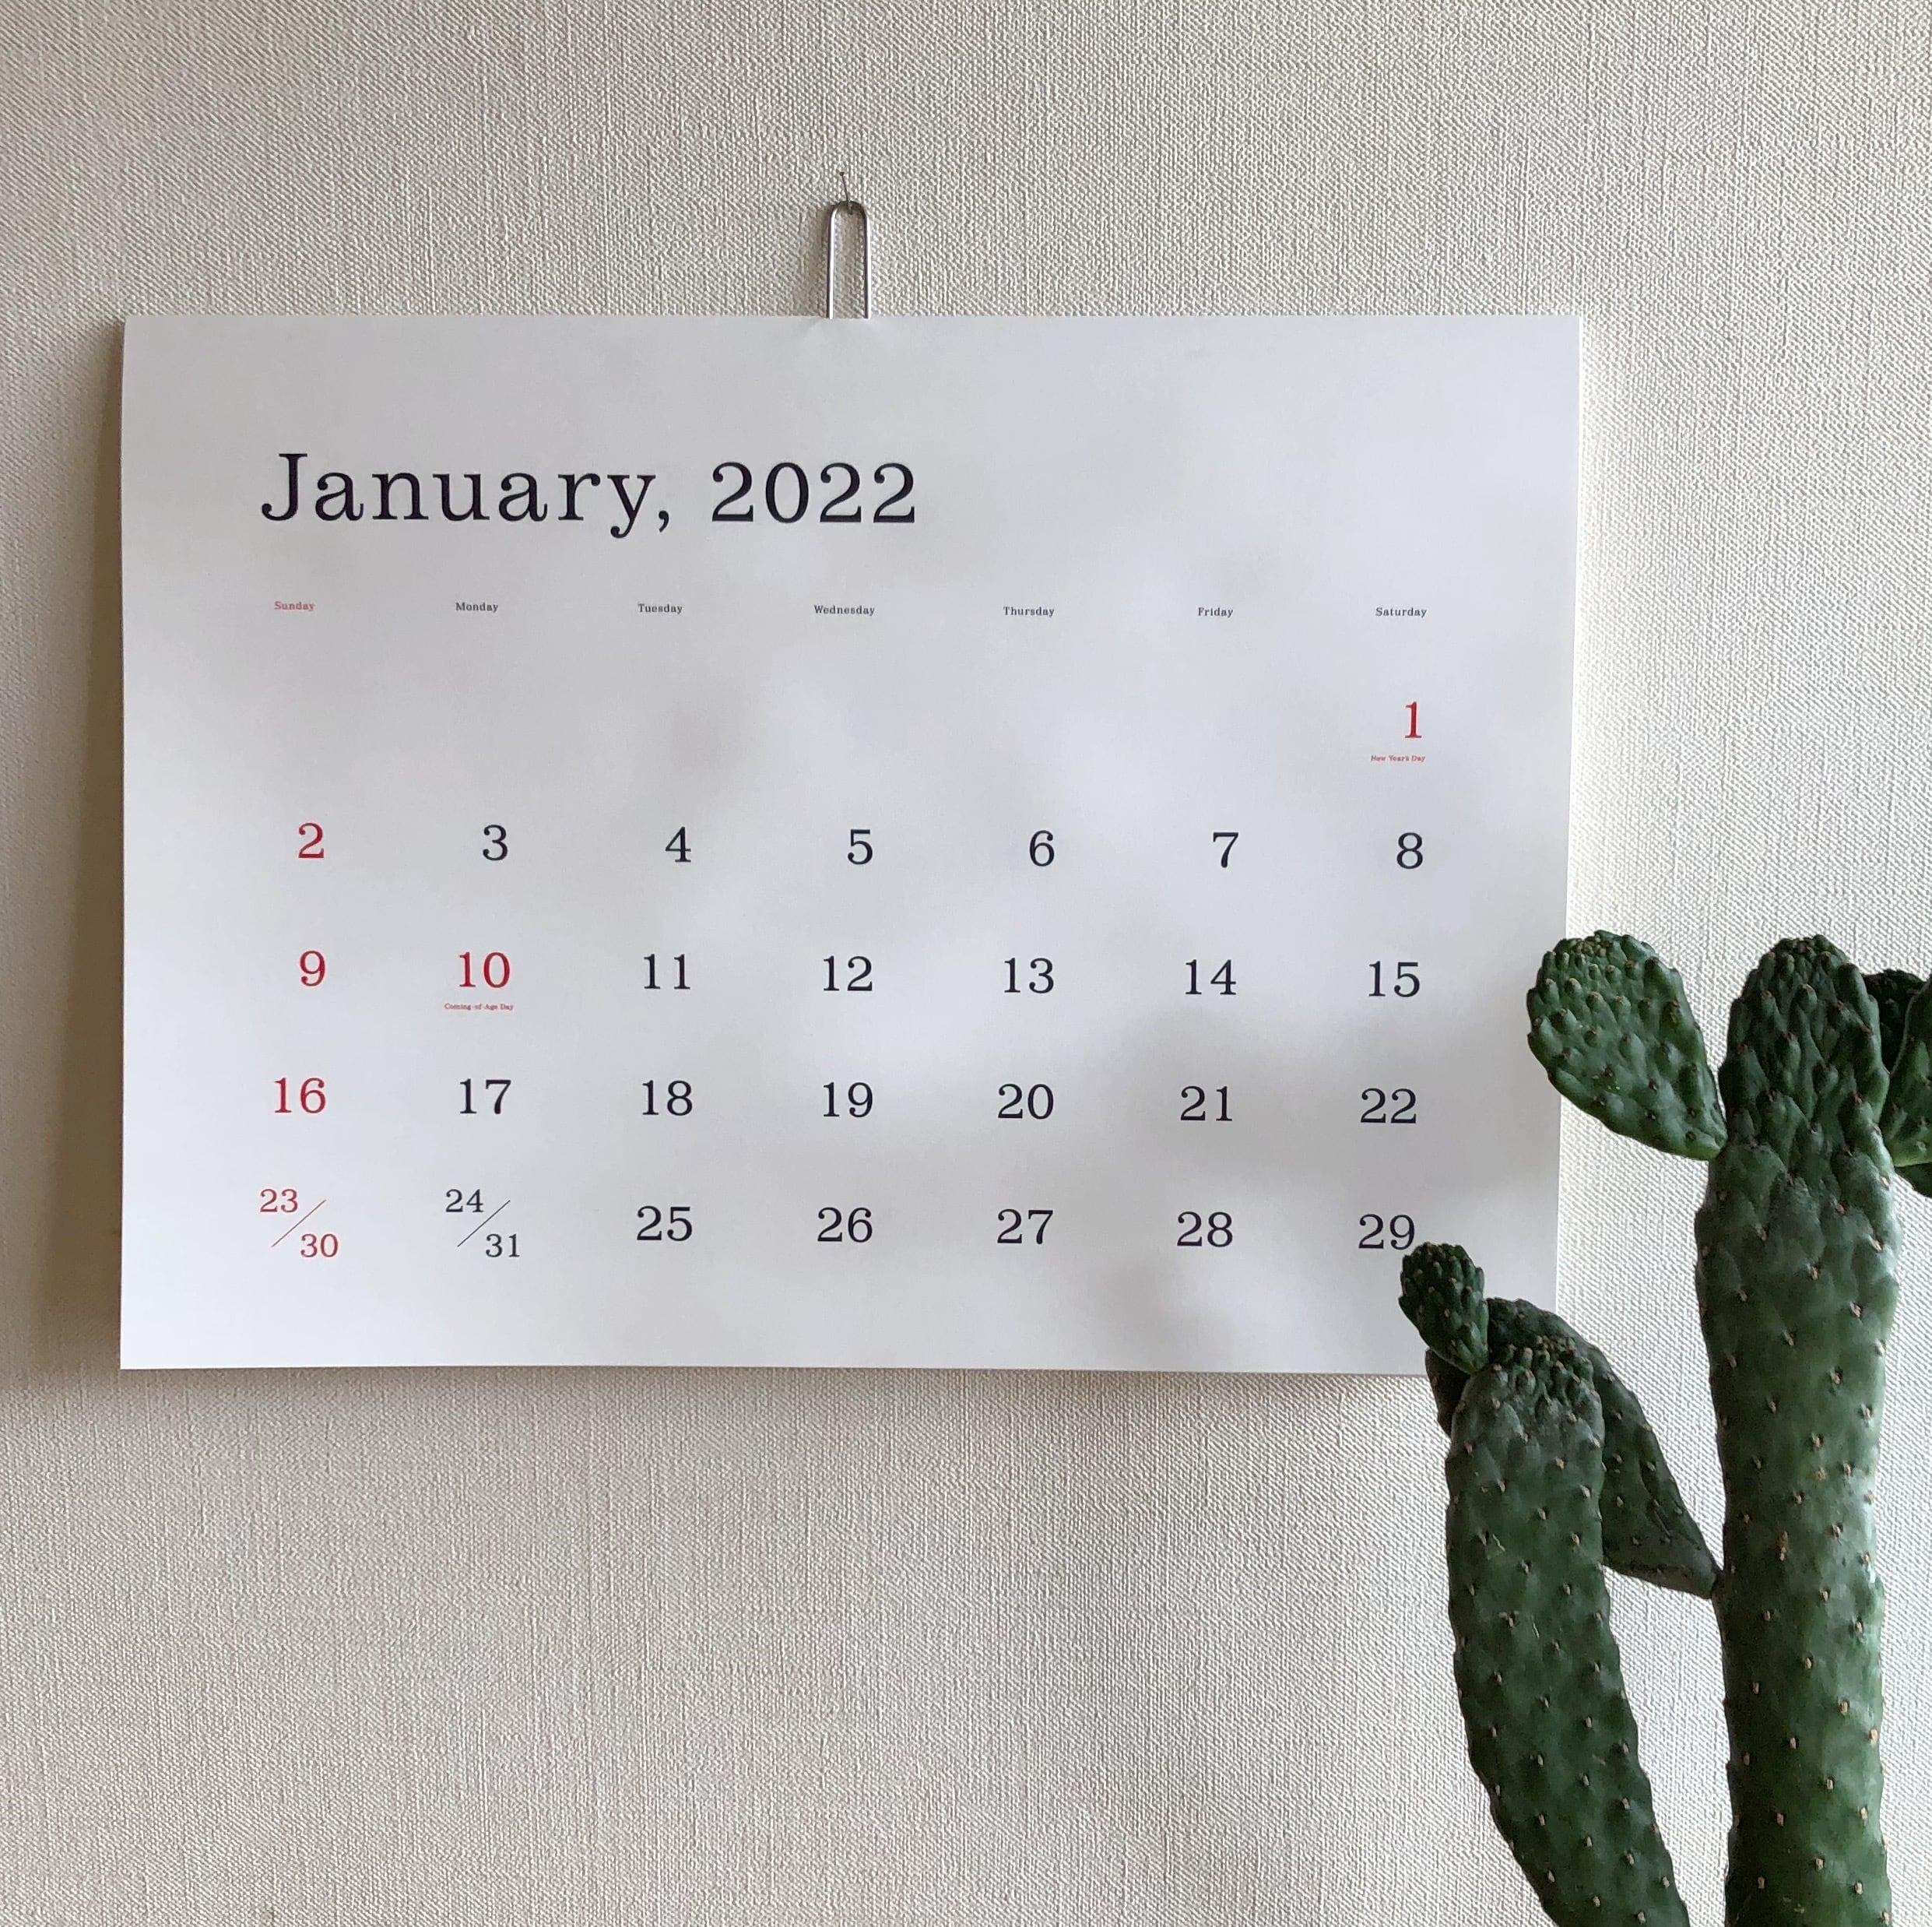 葛西薫カレンダー 2022(罫線なし)